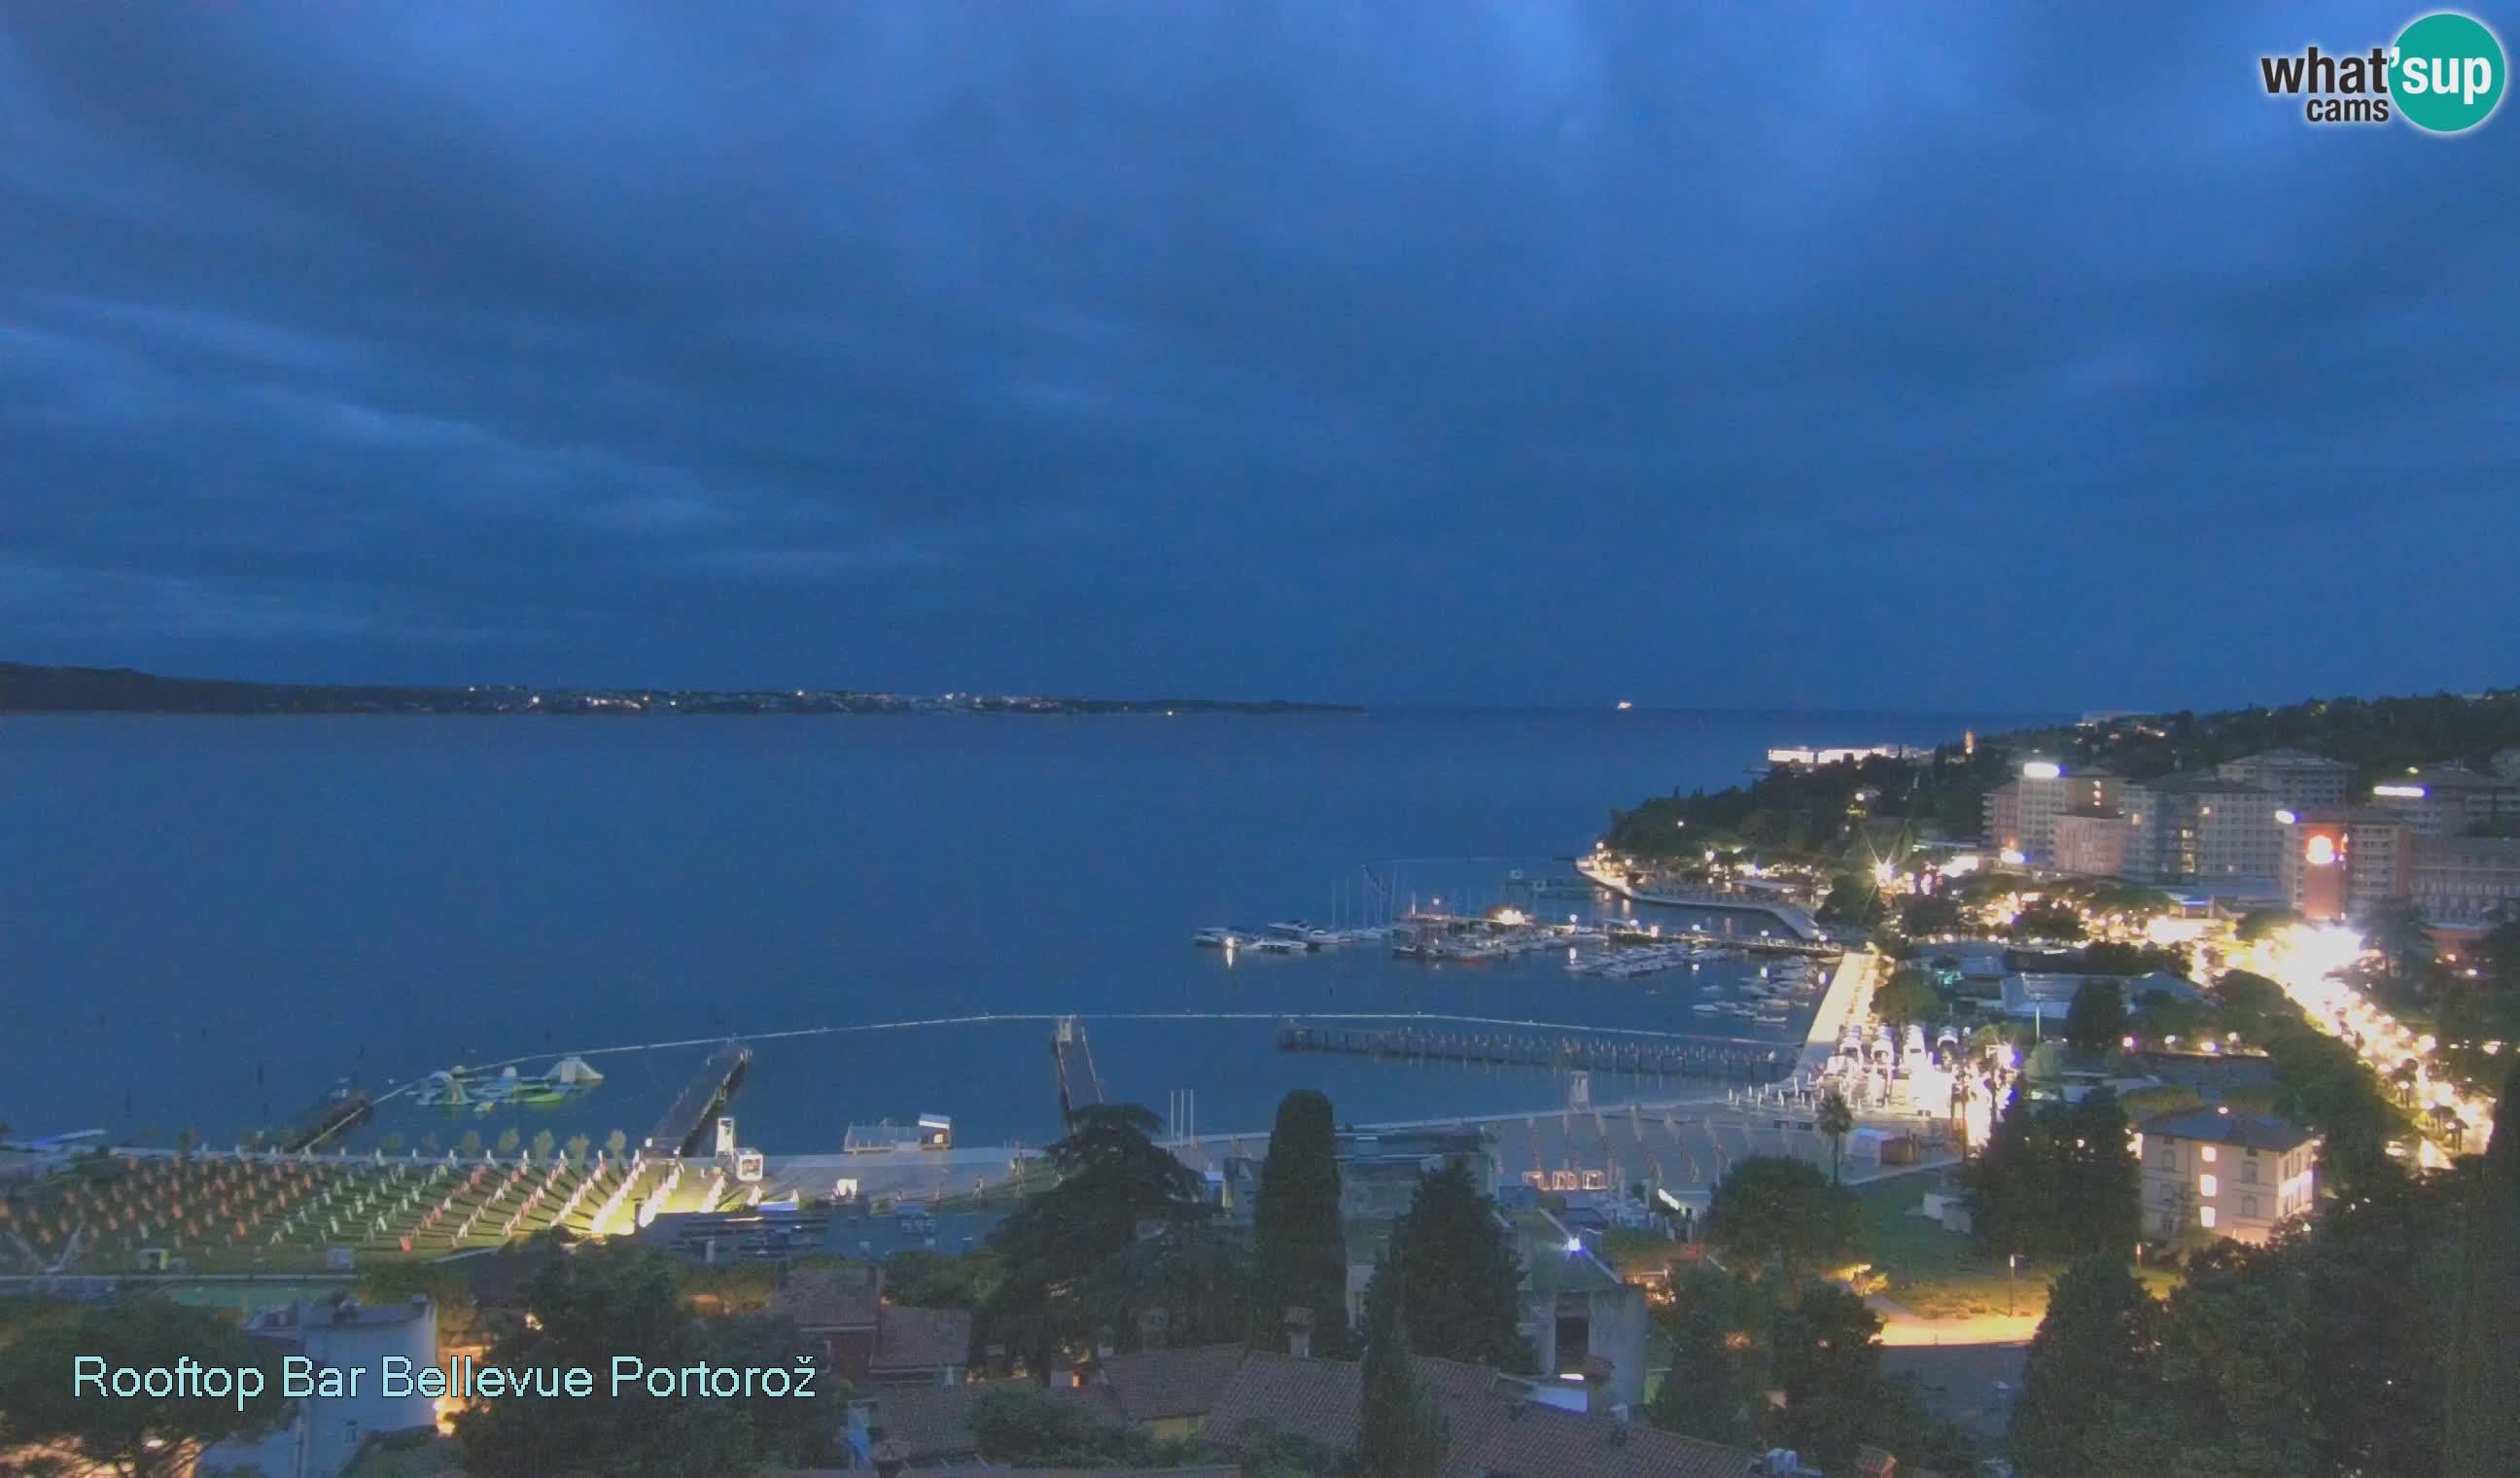 Portorož Mon. 05:35